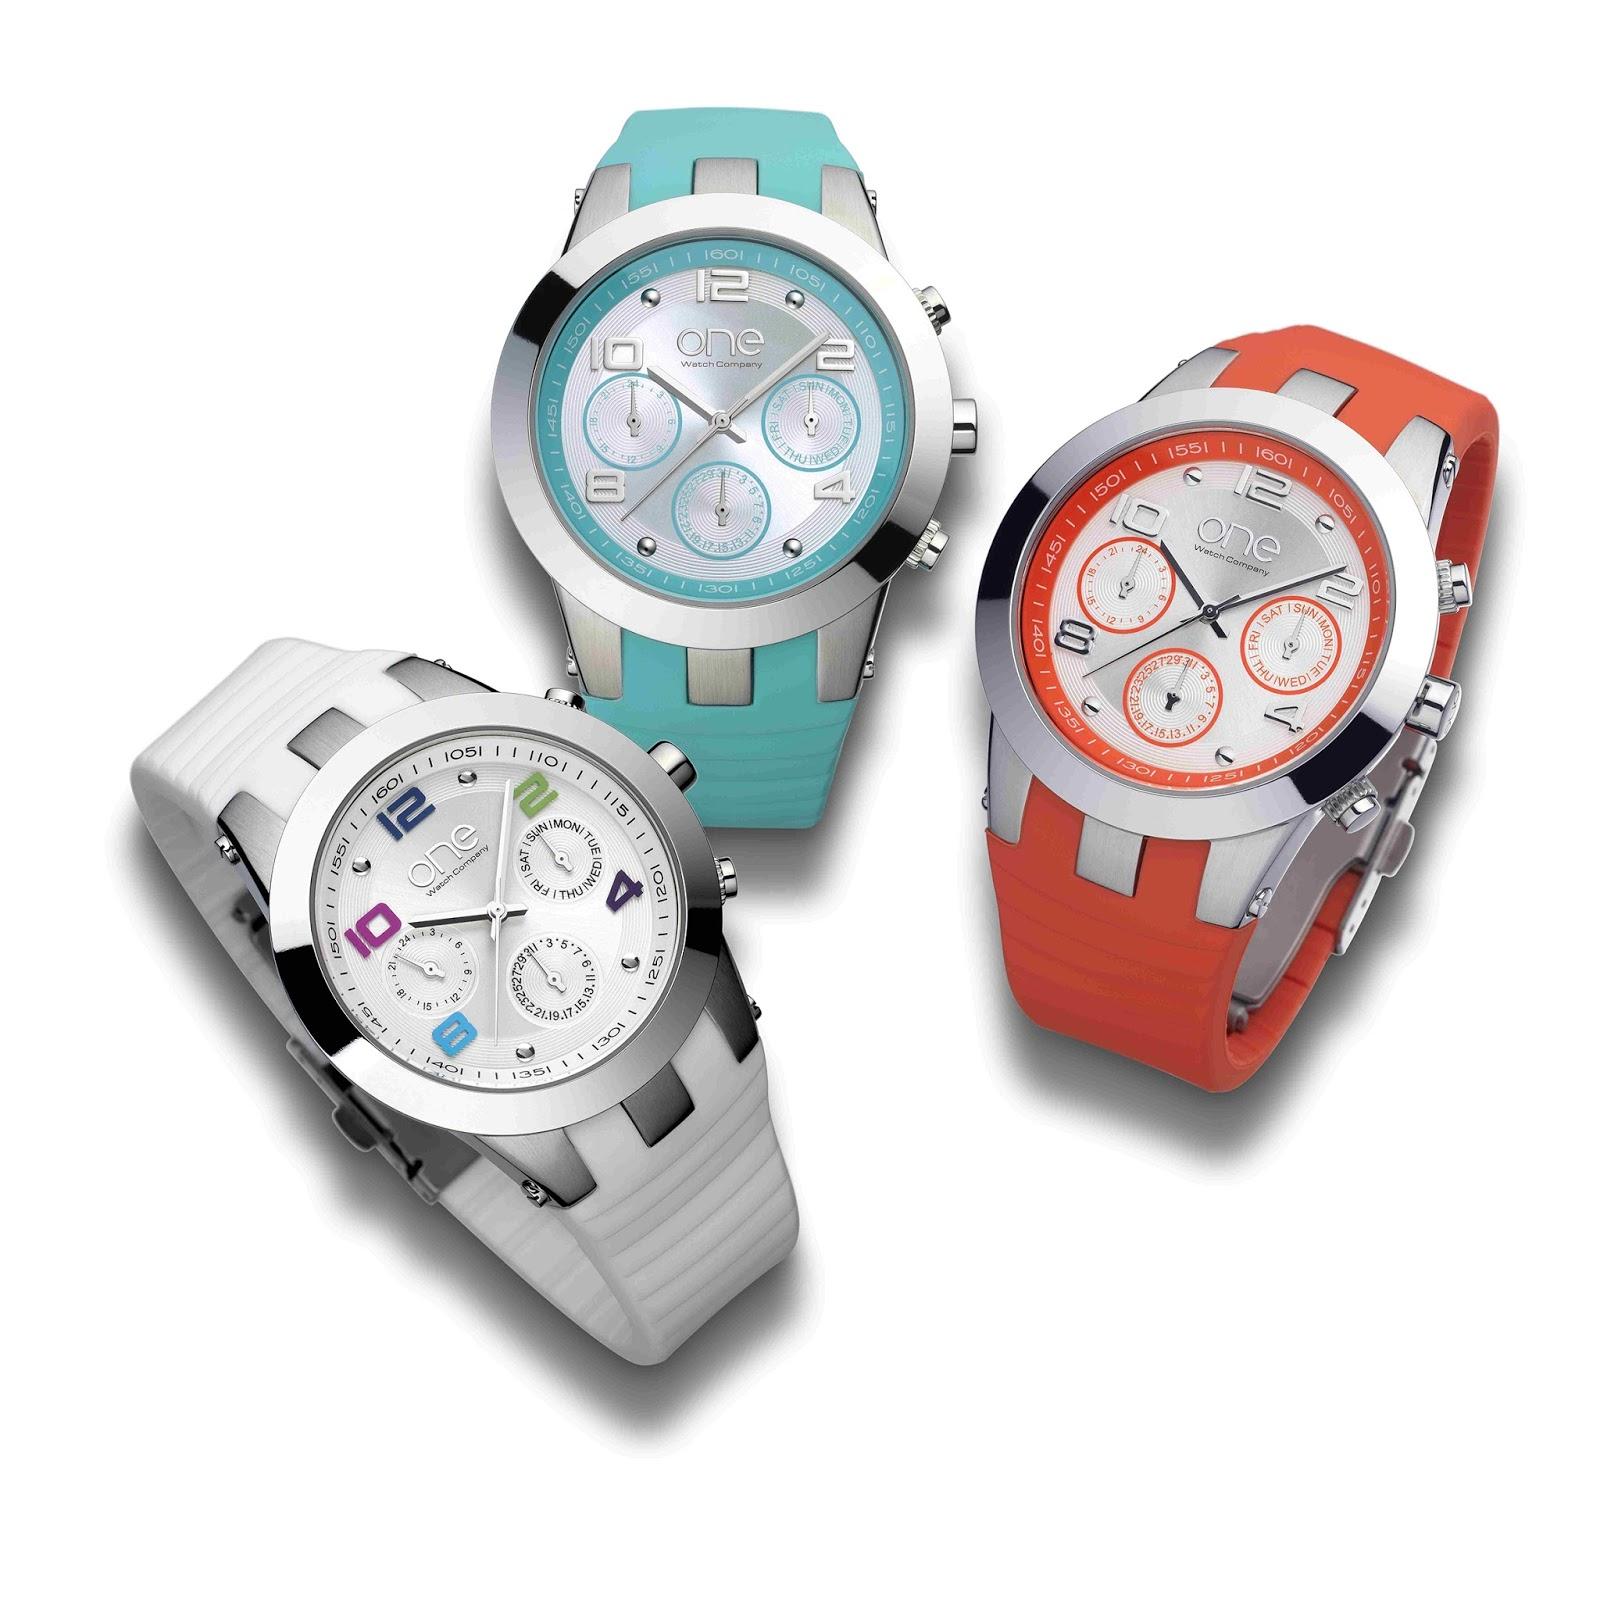 c56ea101ff7 Estação Cronográfica  Chegado(s) ao mercado - relógios One Balance